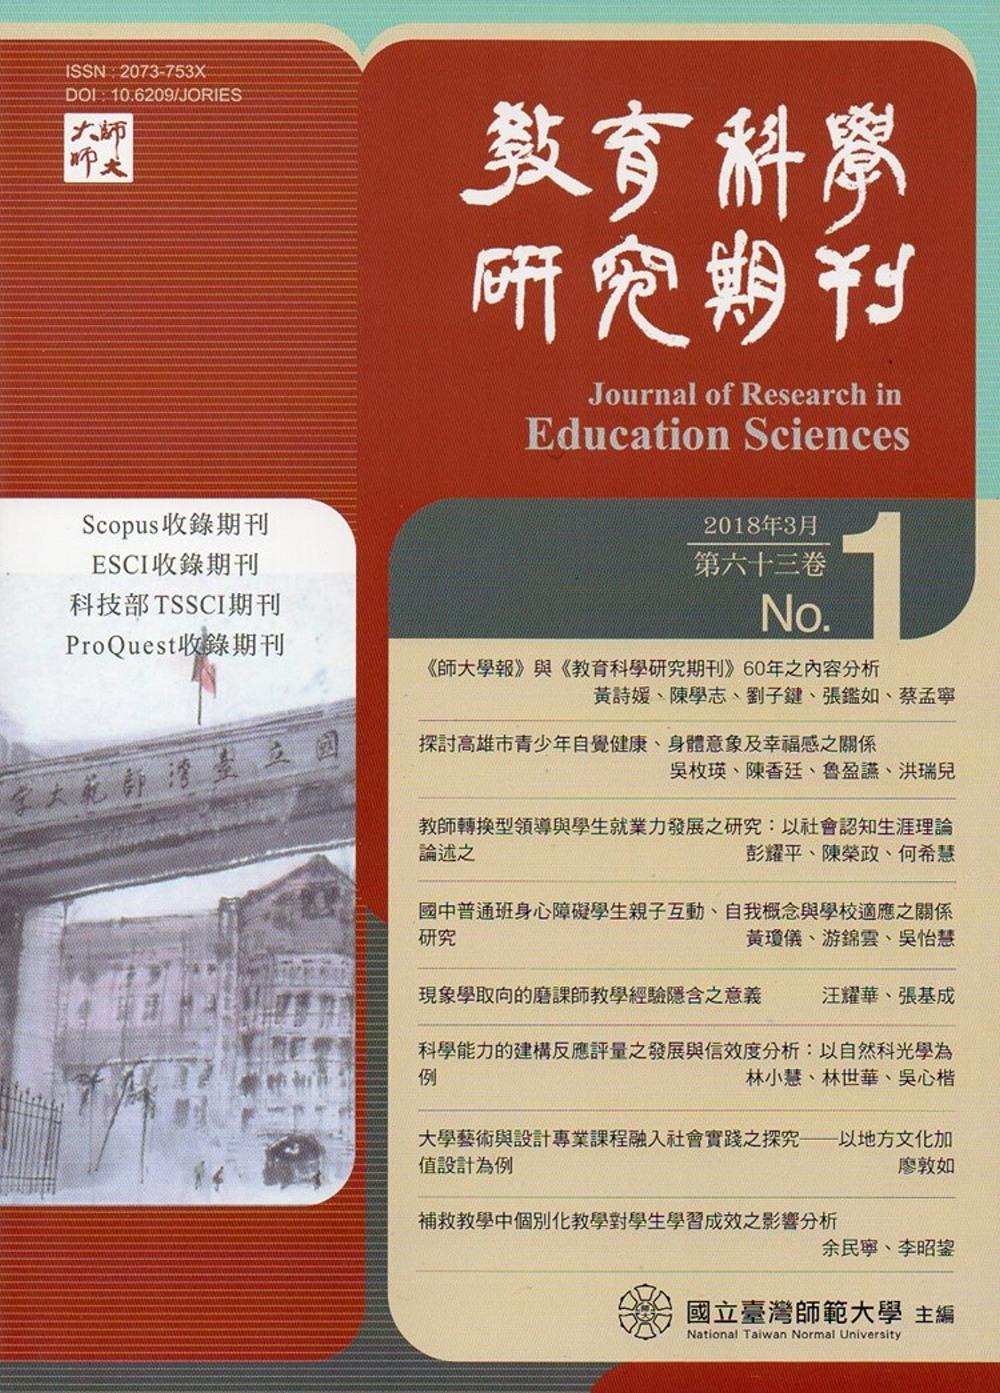 教育科學研究期刊第63卷第1期-2018.03